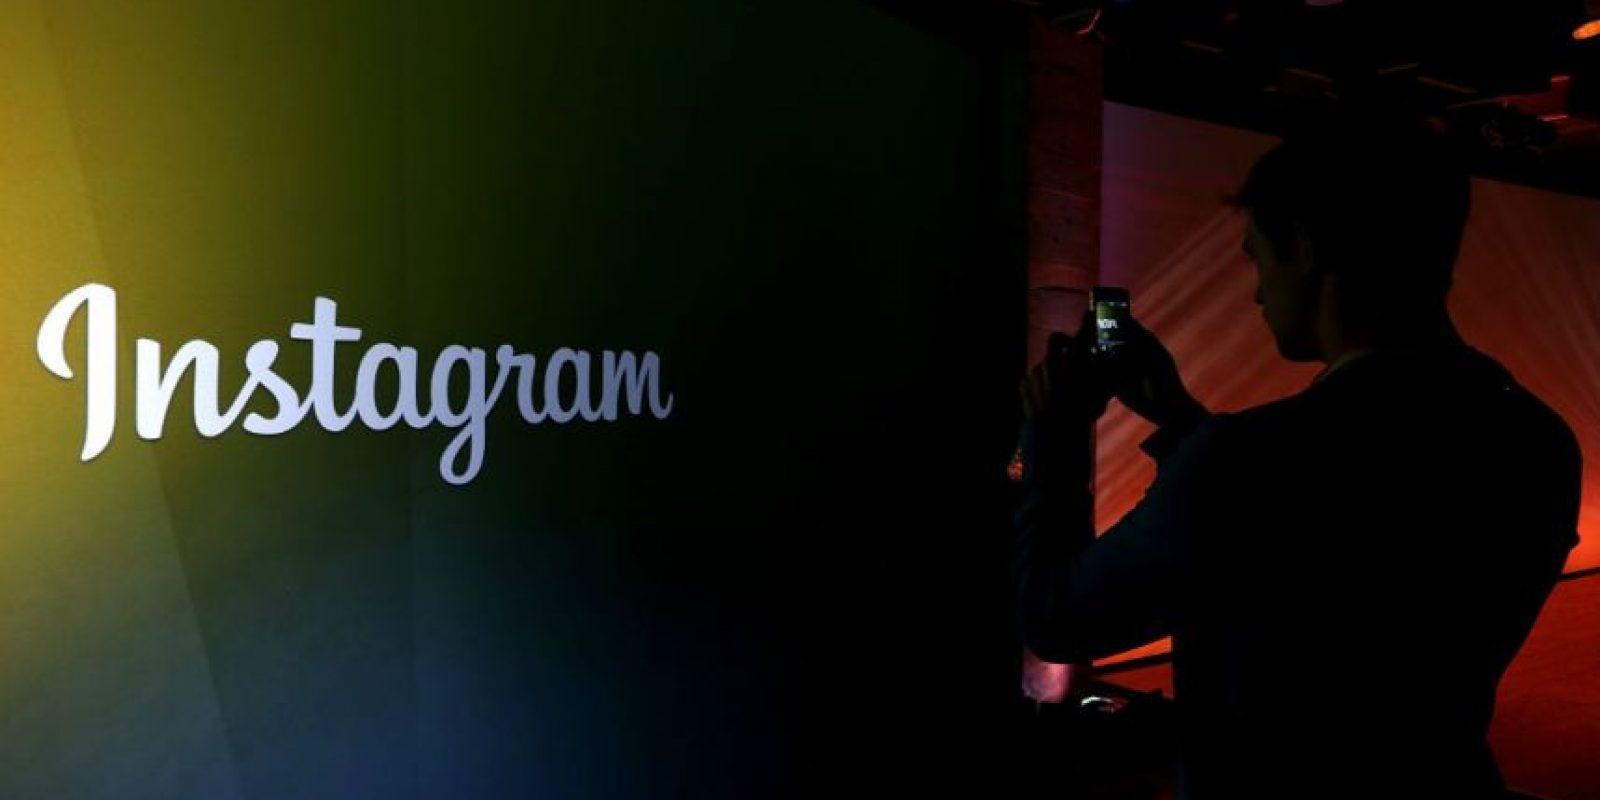 Muchos usuarios emigraron de Instagram a Snapchat. Foto:Getty Images. Imagen Por: